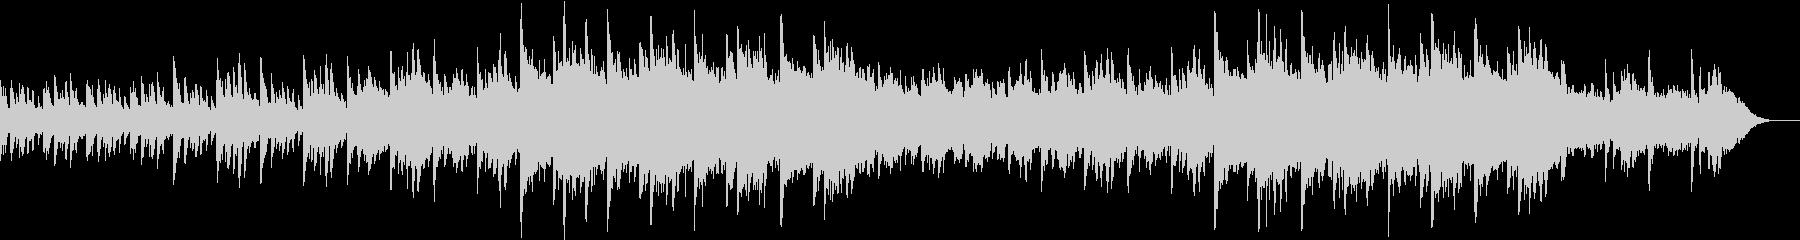 ピアノ、環境音楽ヒーリング-09の未再生の波形